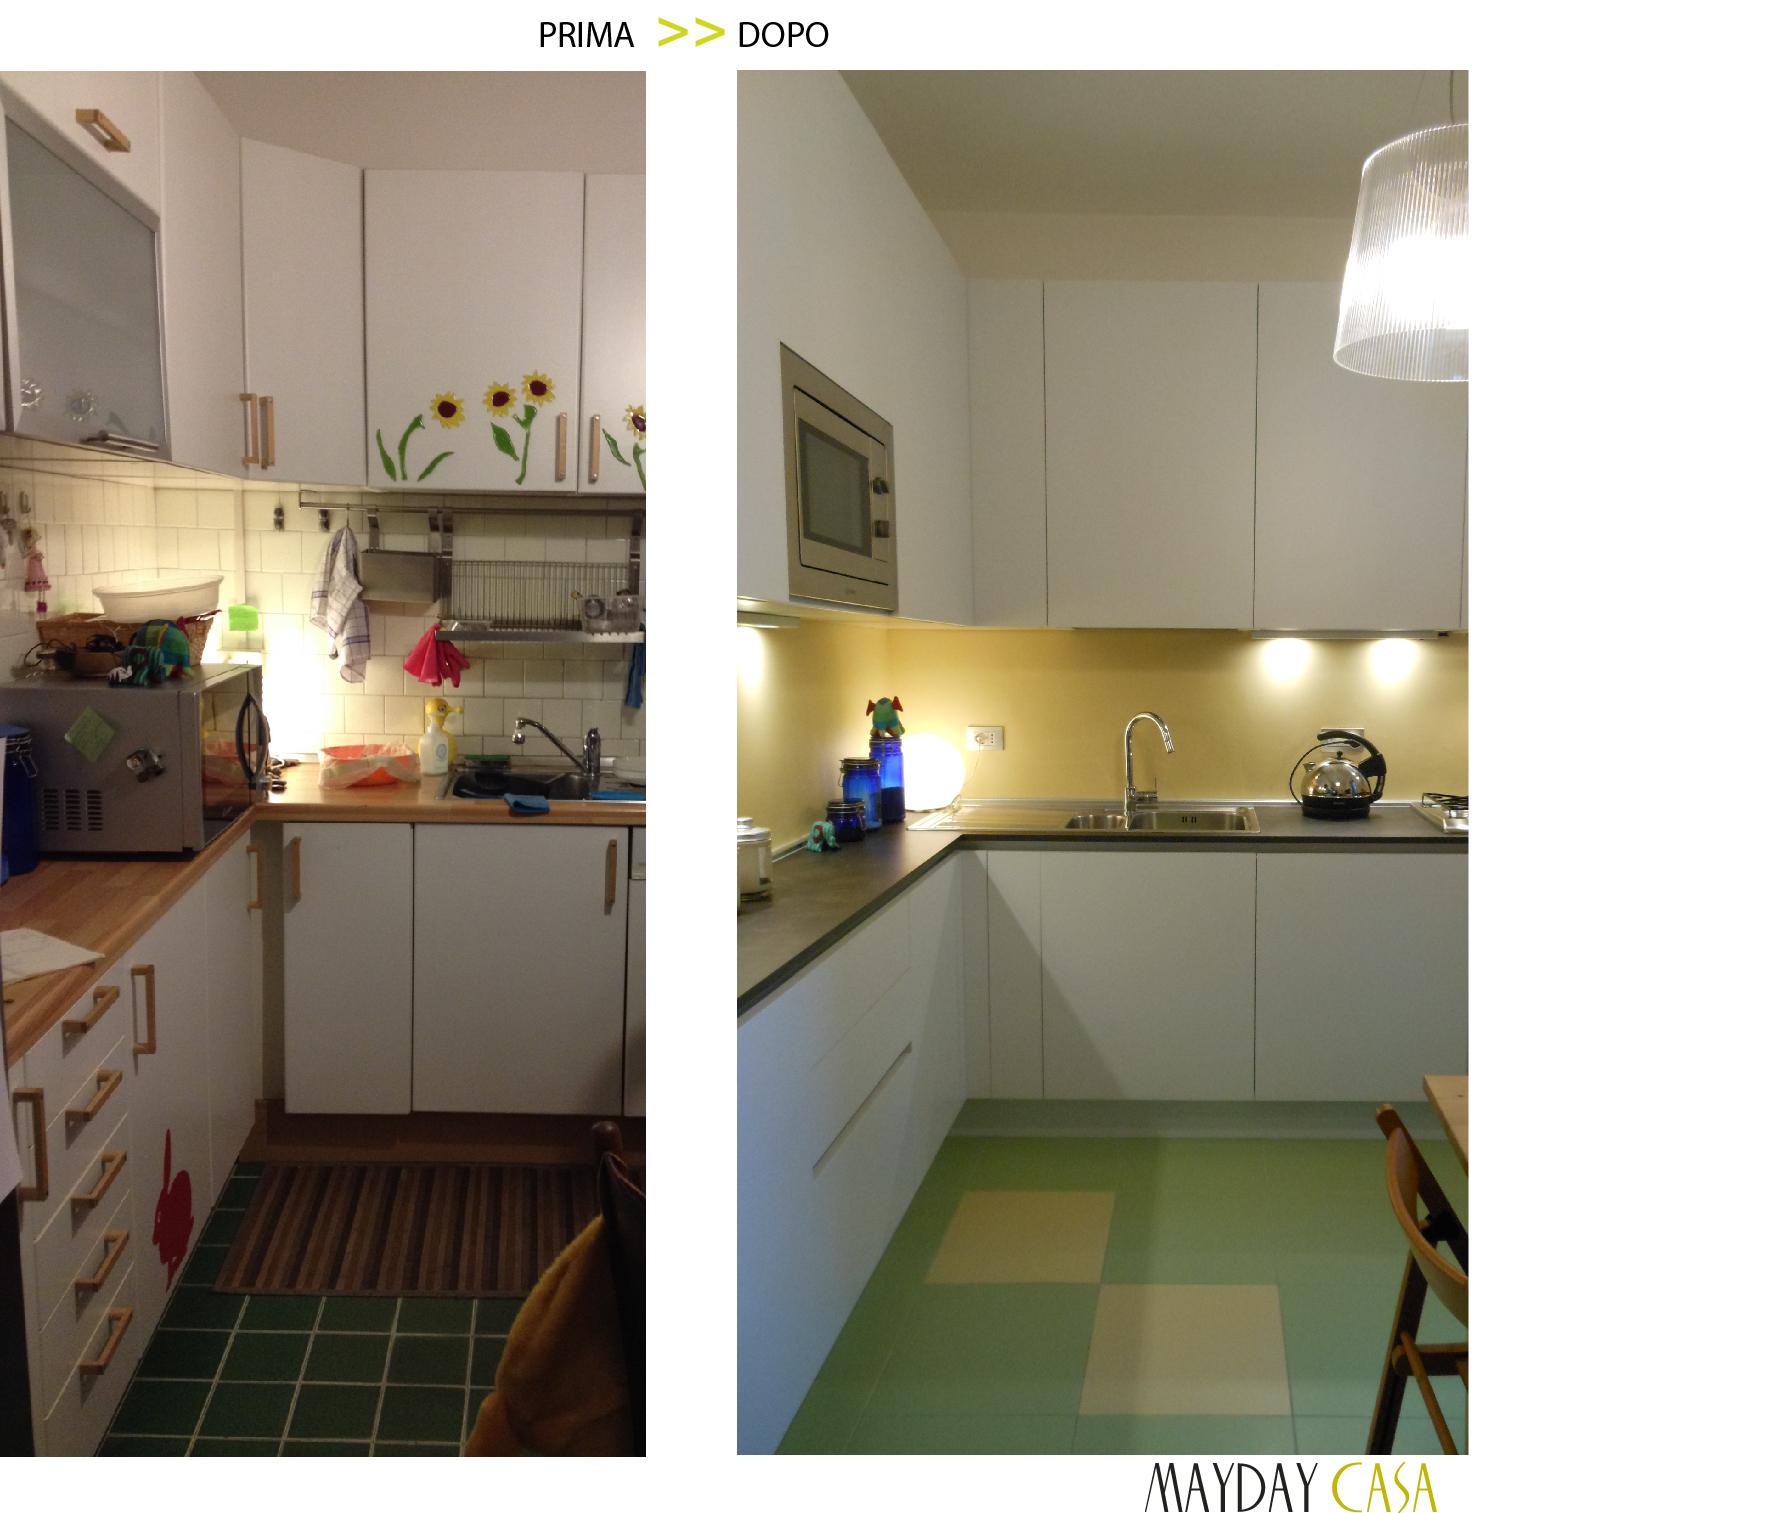 Cucina moderna separata : Un progetto cucina: cucina a vista e soggiorno insieme progetto in